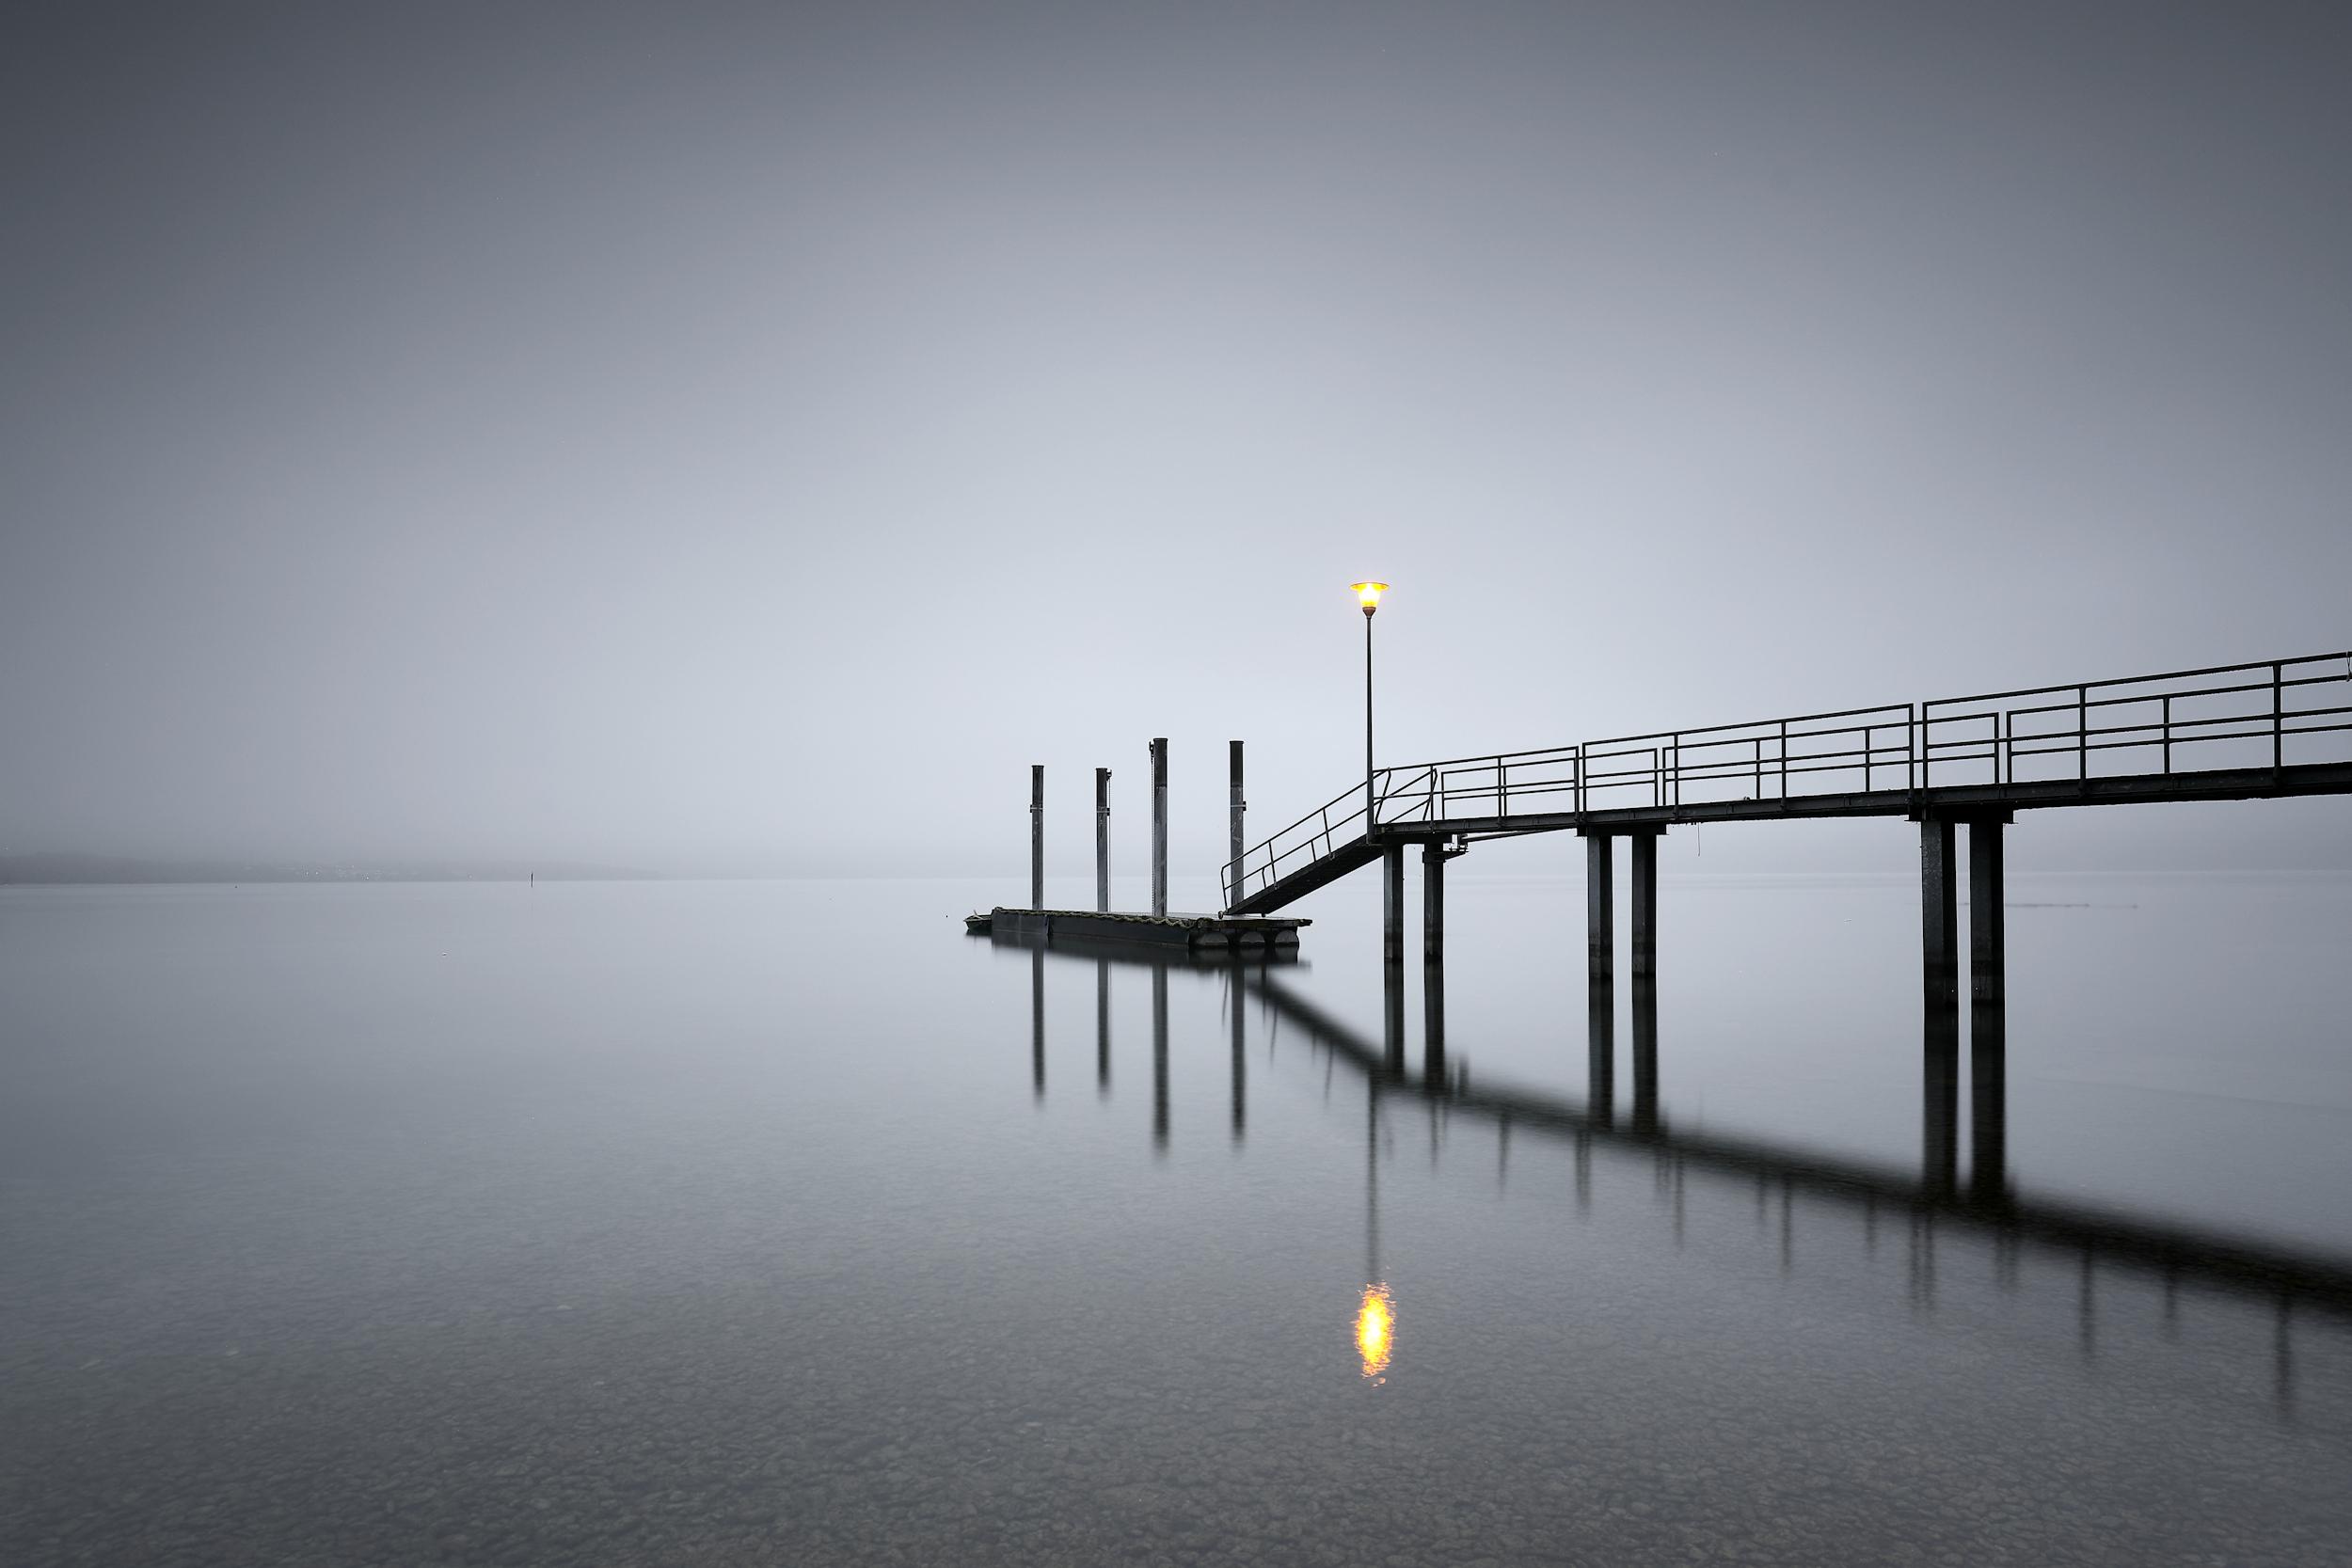 November starts foggy